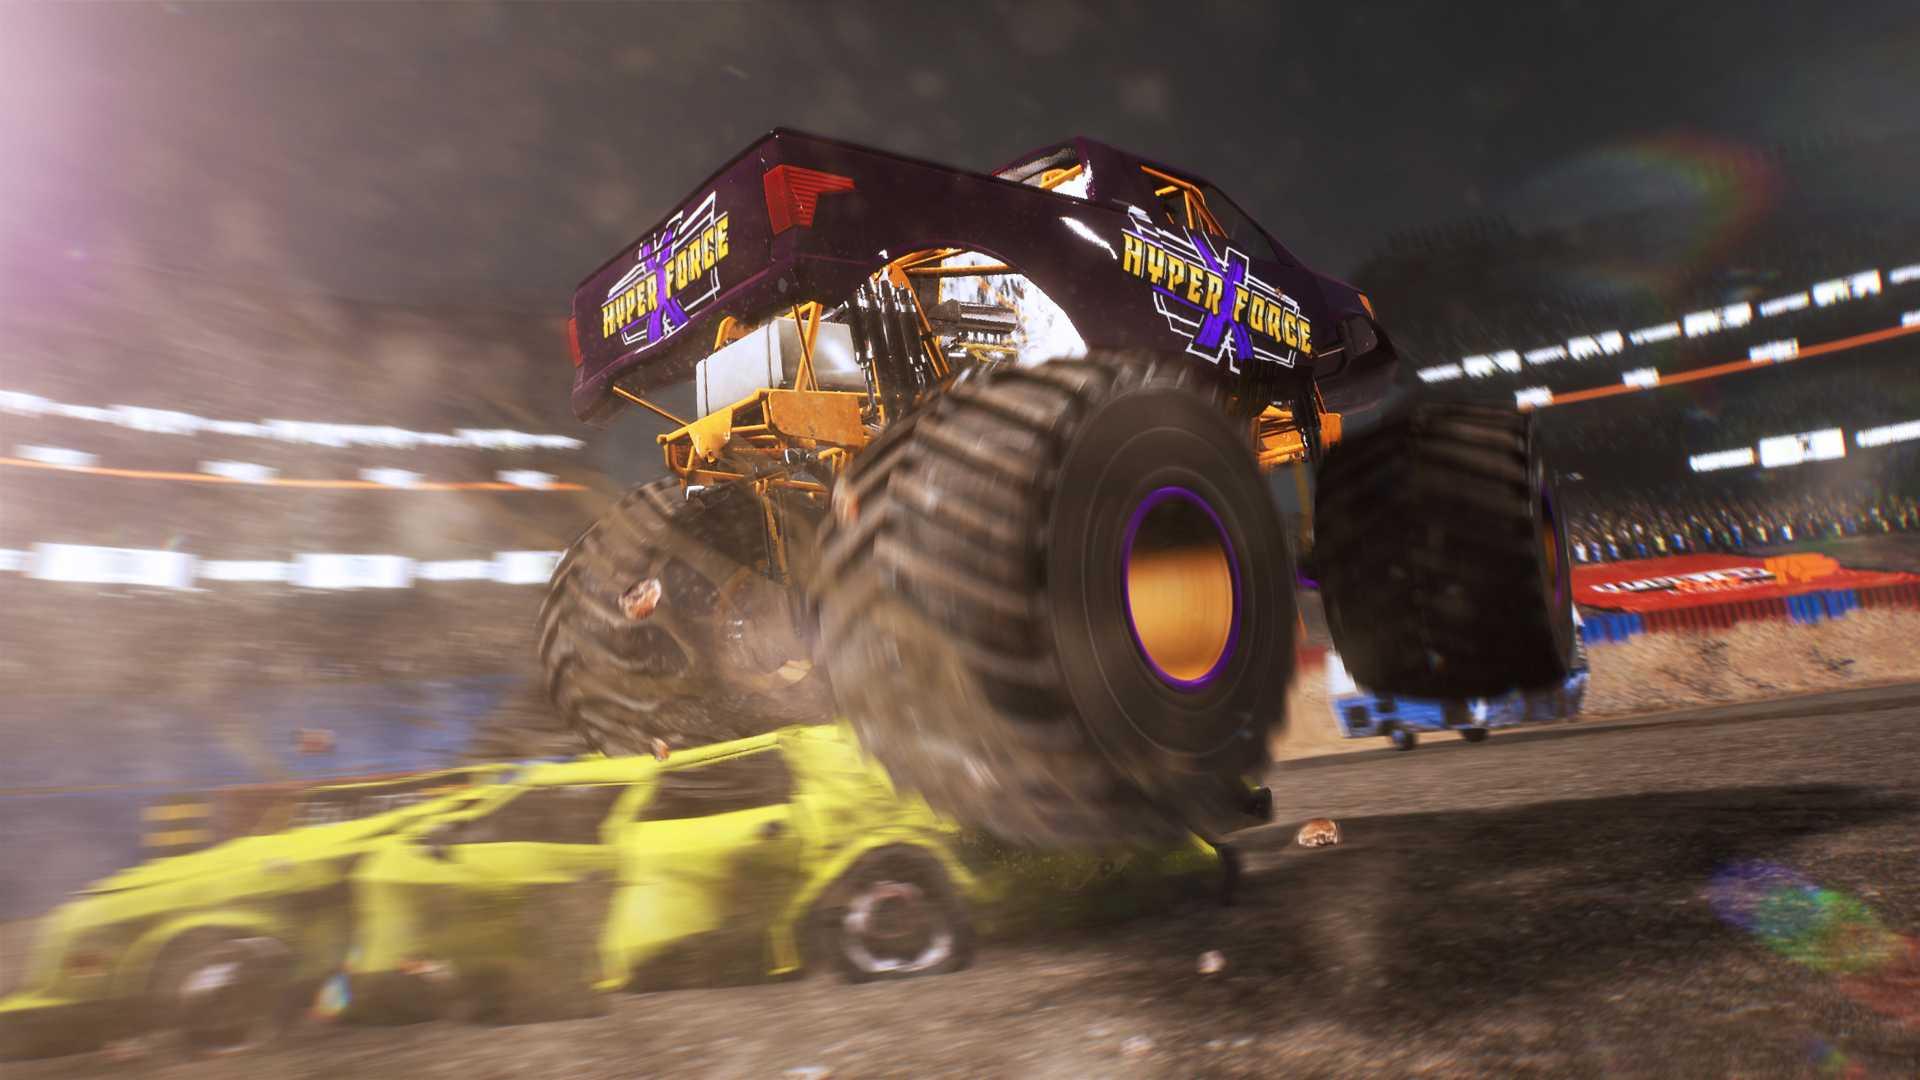 Oznámen nový simulátor Monster Truck Championship